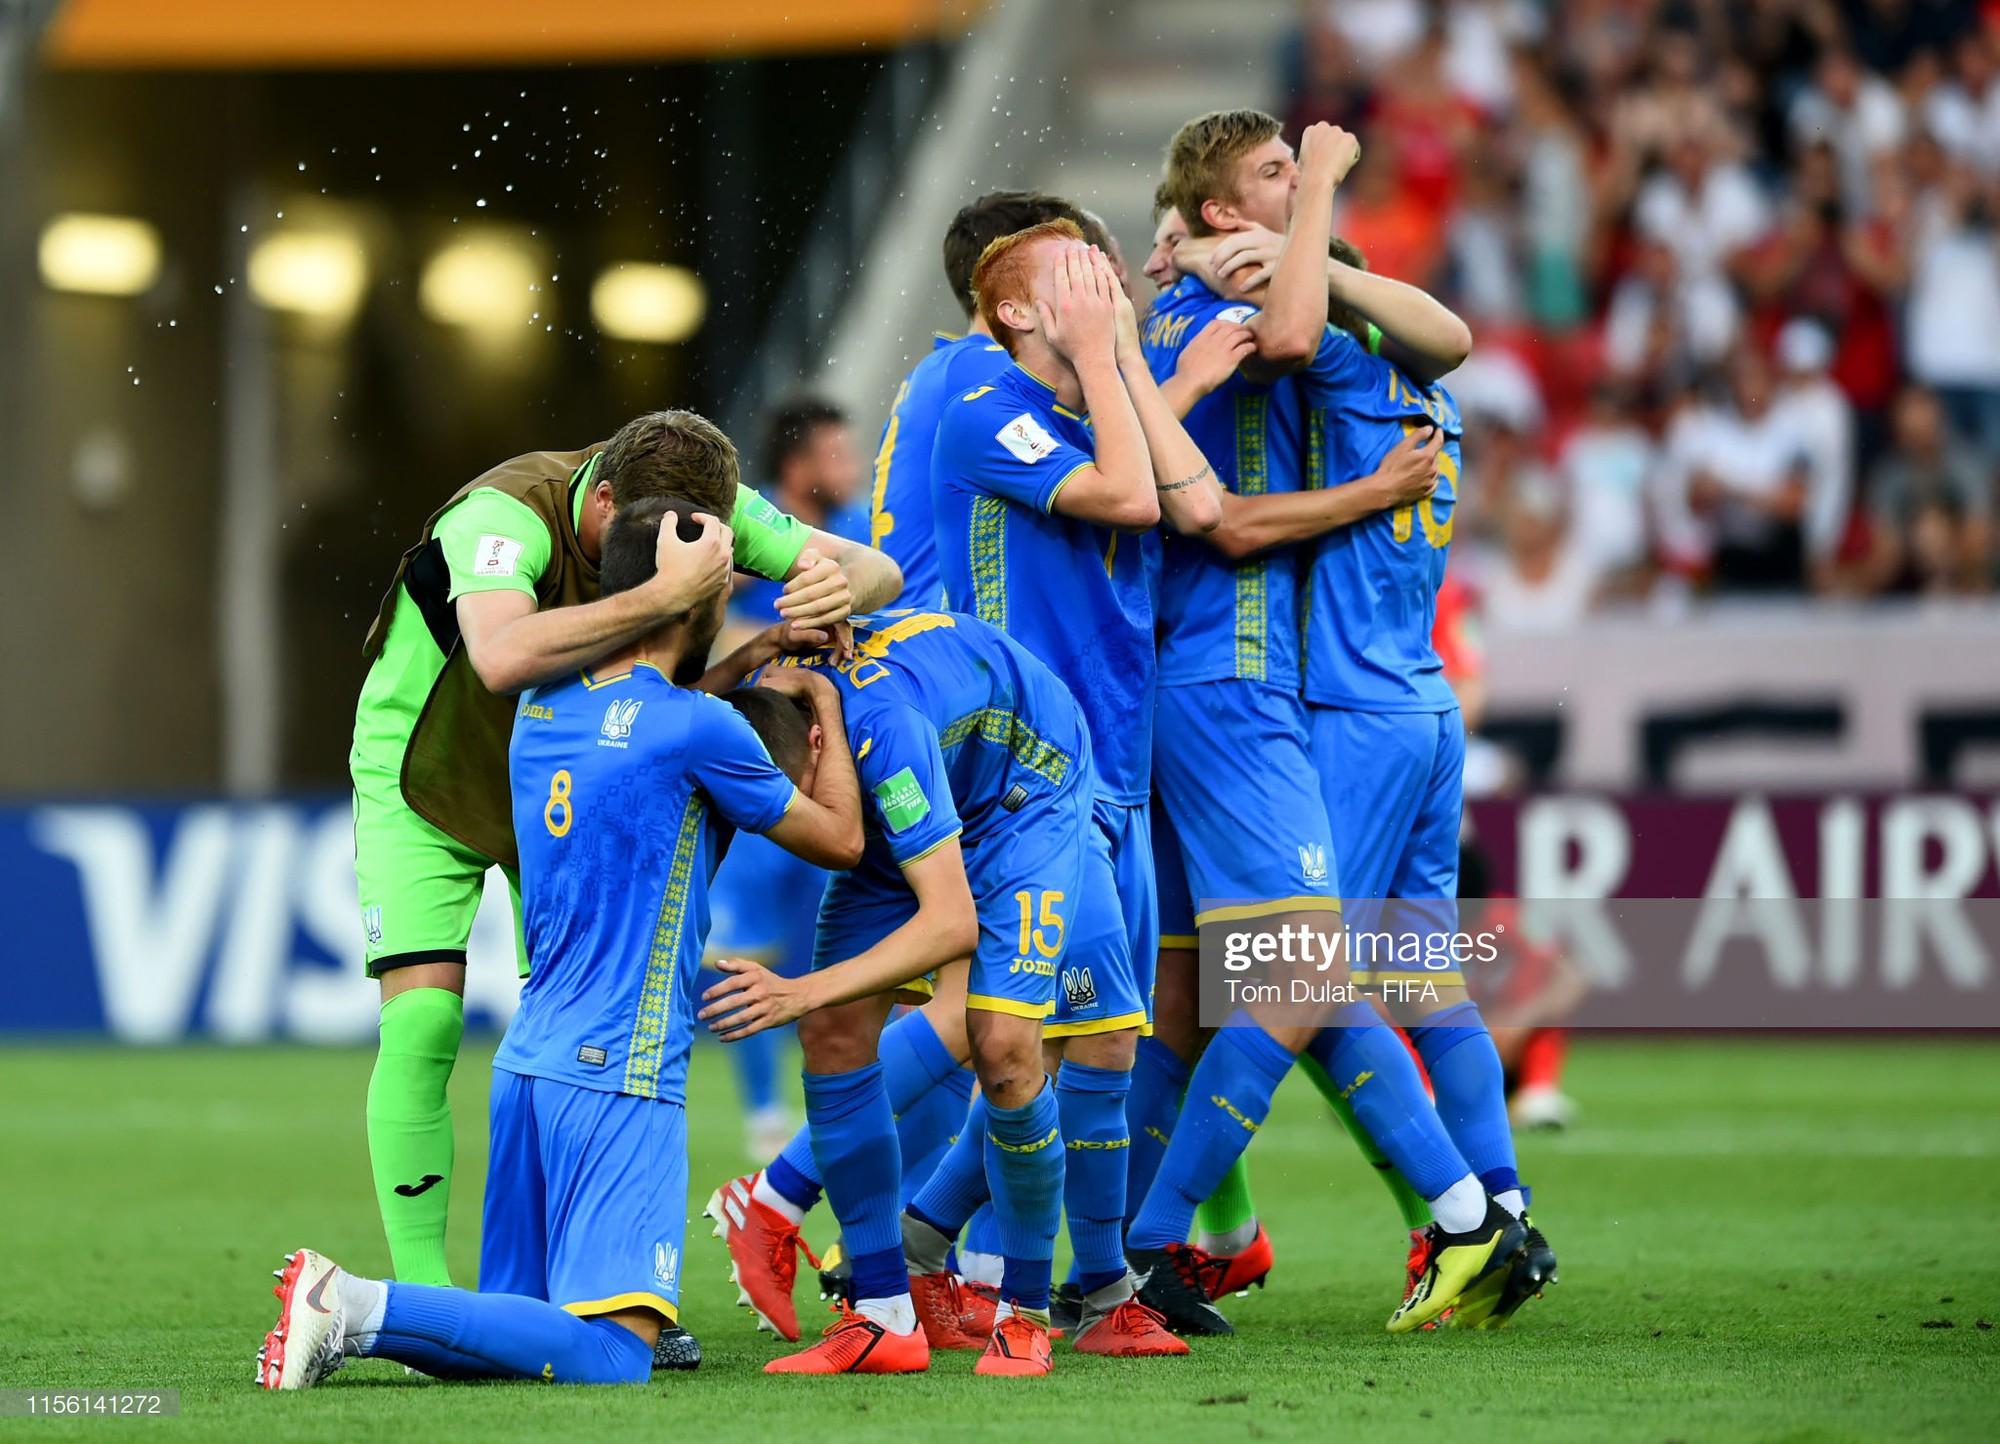 Đội bóng quê hương HLV Park Hang-seo ôm nhau khóc nấc khi thua ngược ở chung kết đấu trường World Cup - Ảnh 11.